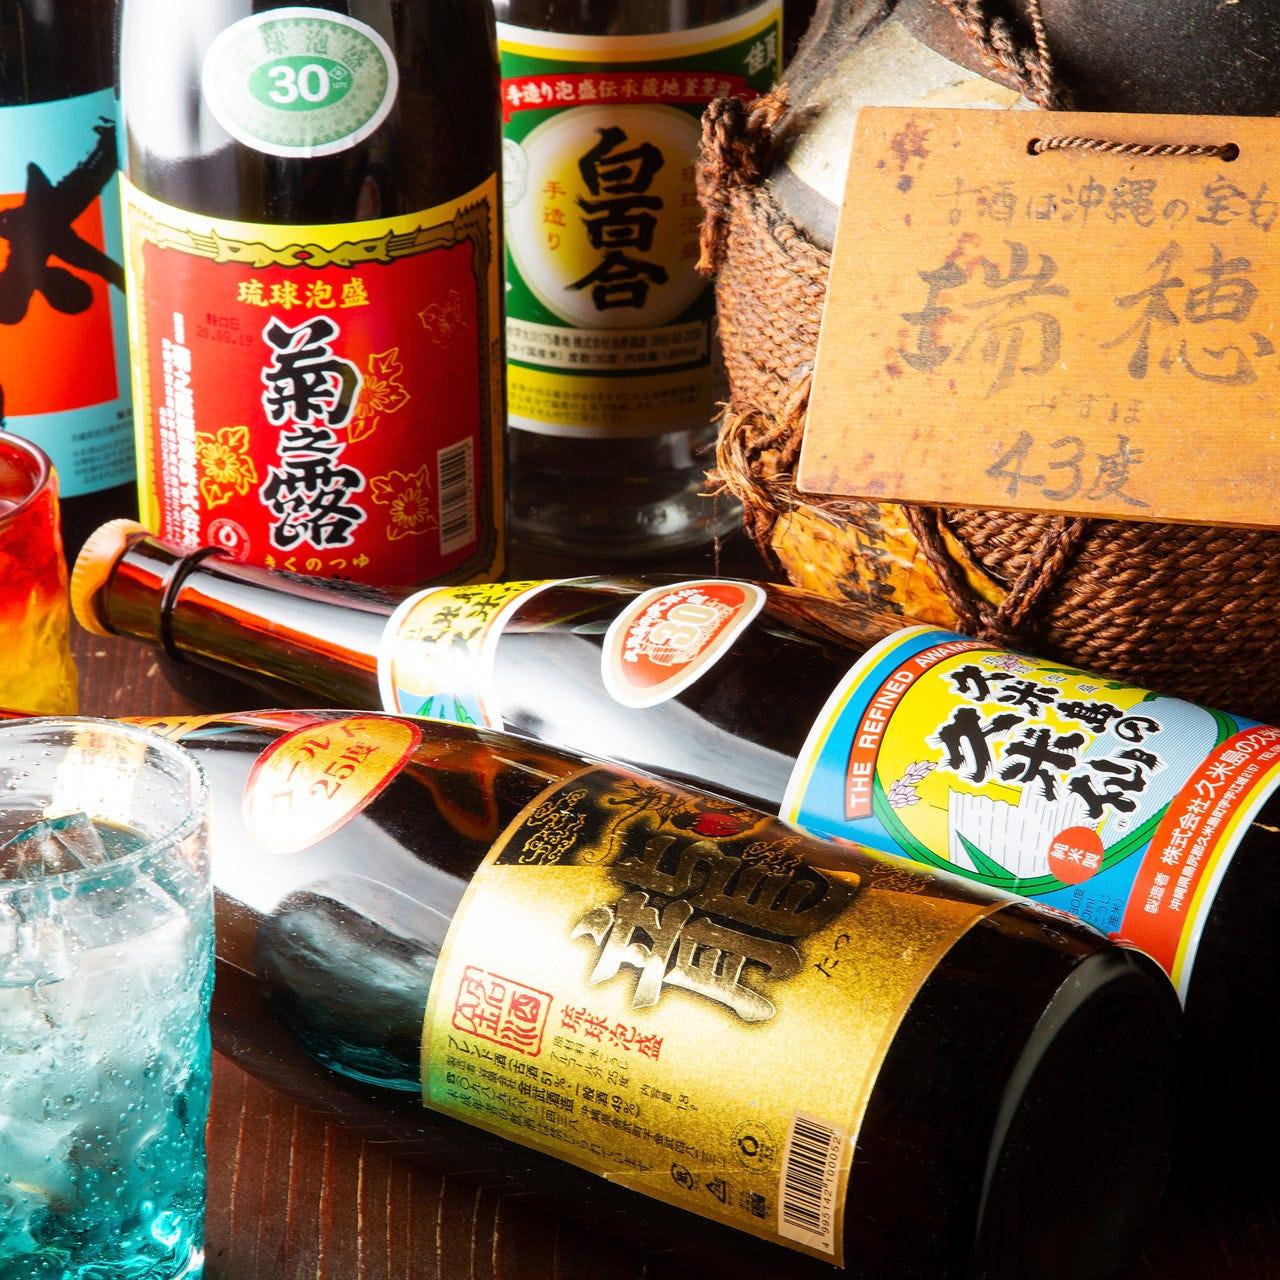 沖縄カクテル、泡盛、オリオンビール